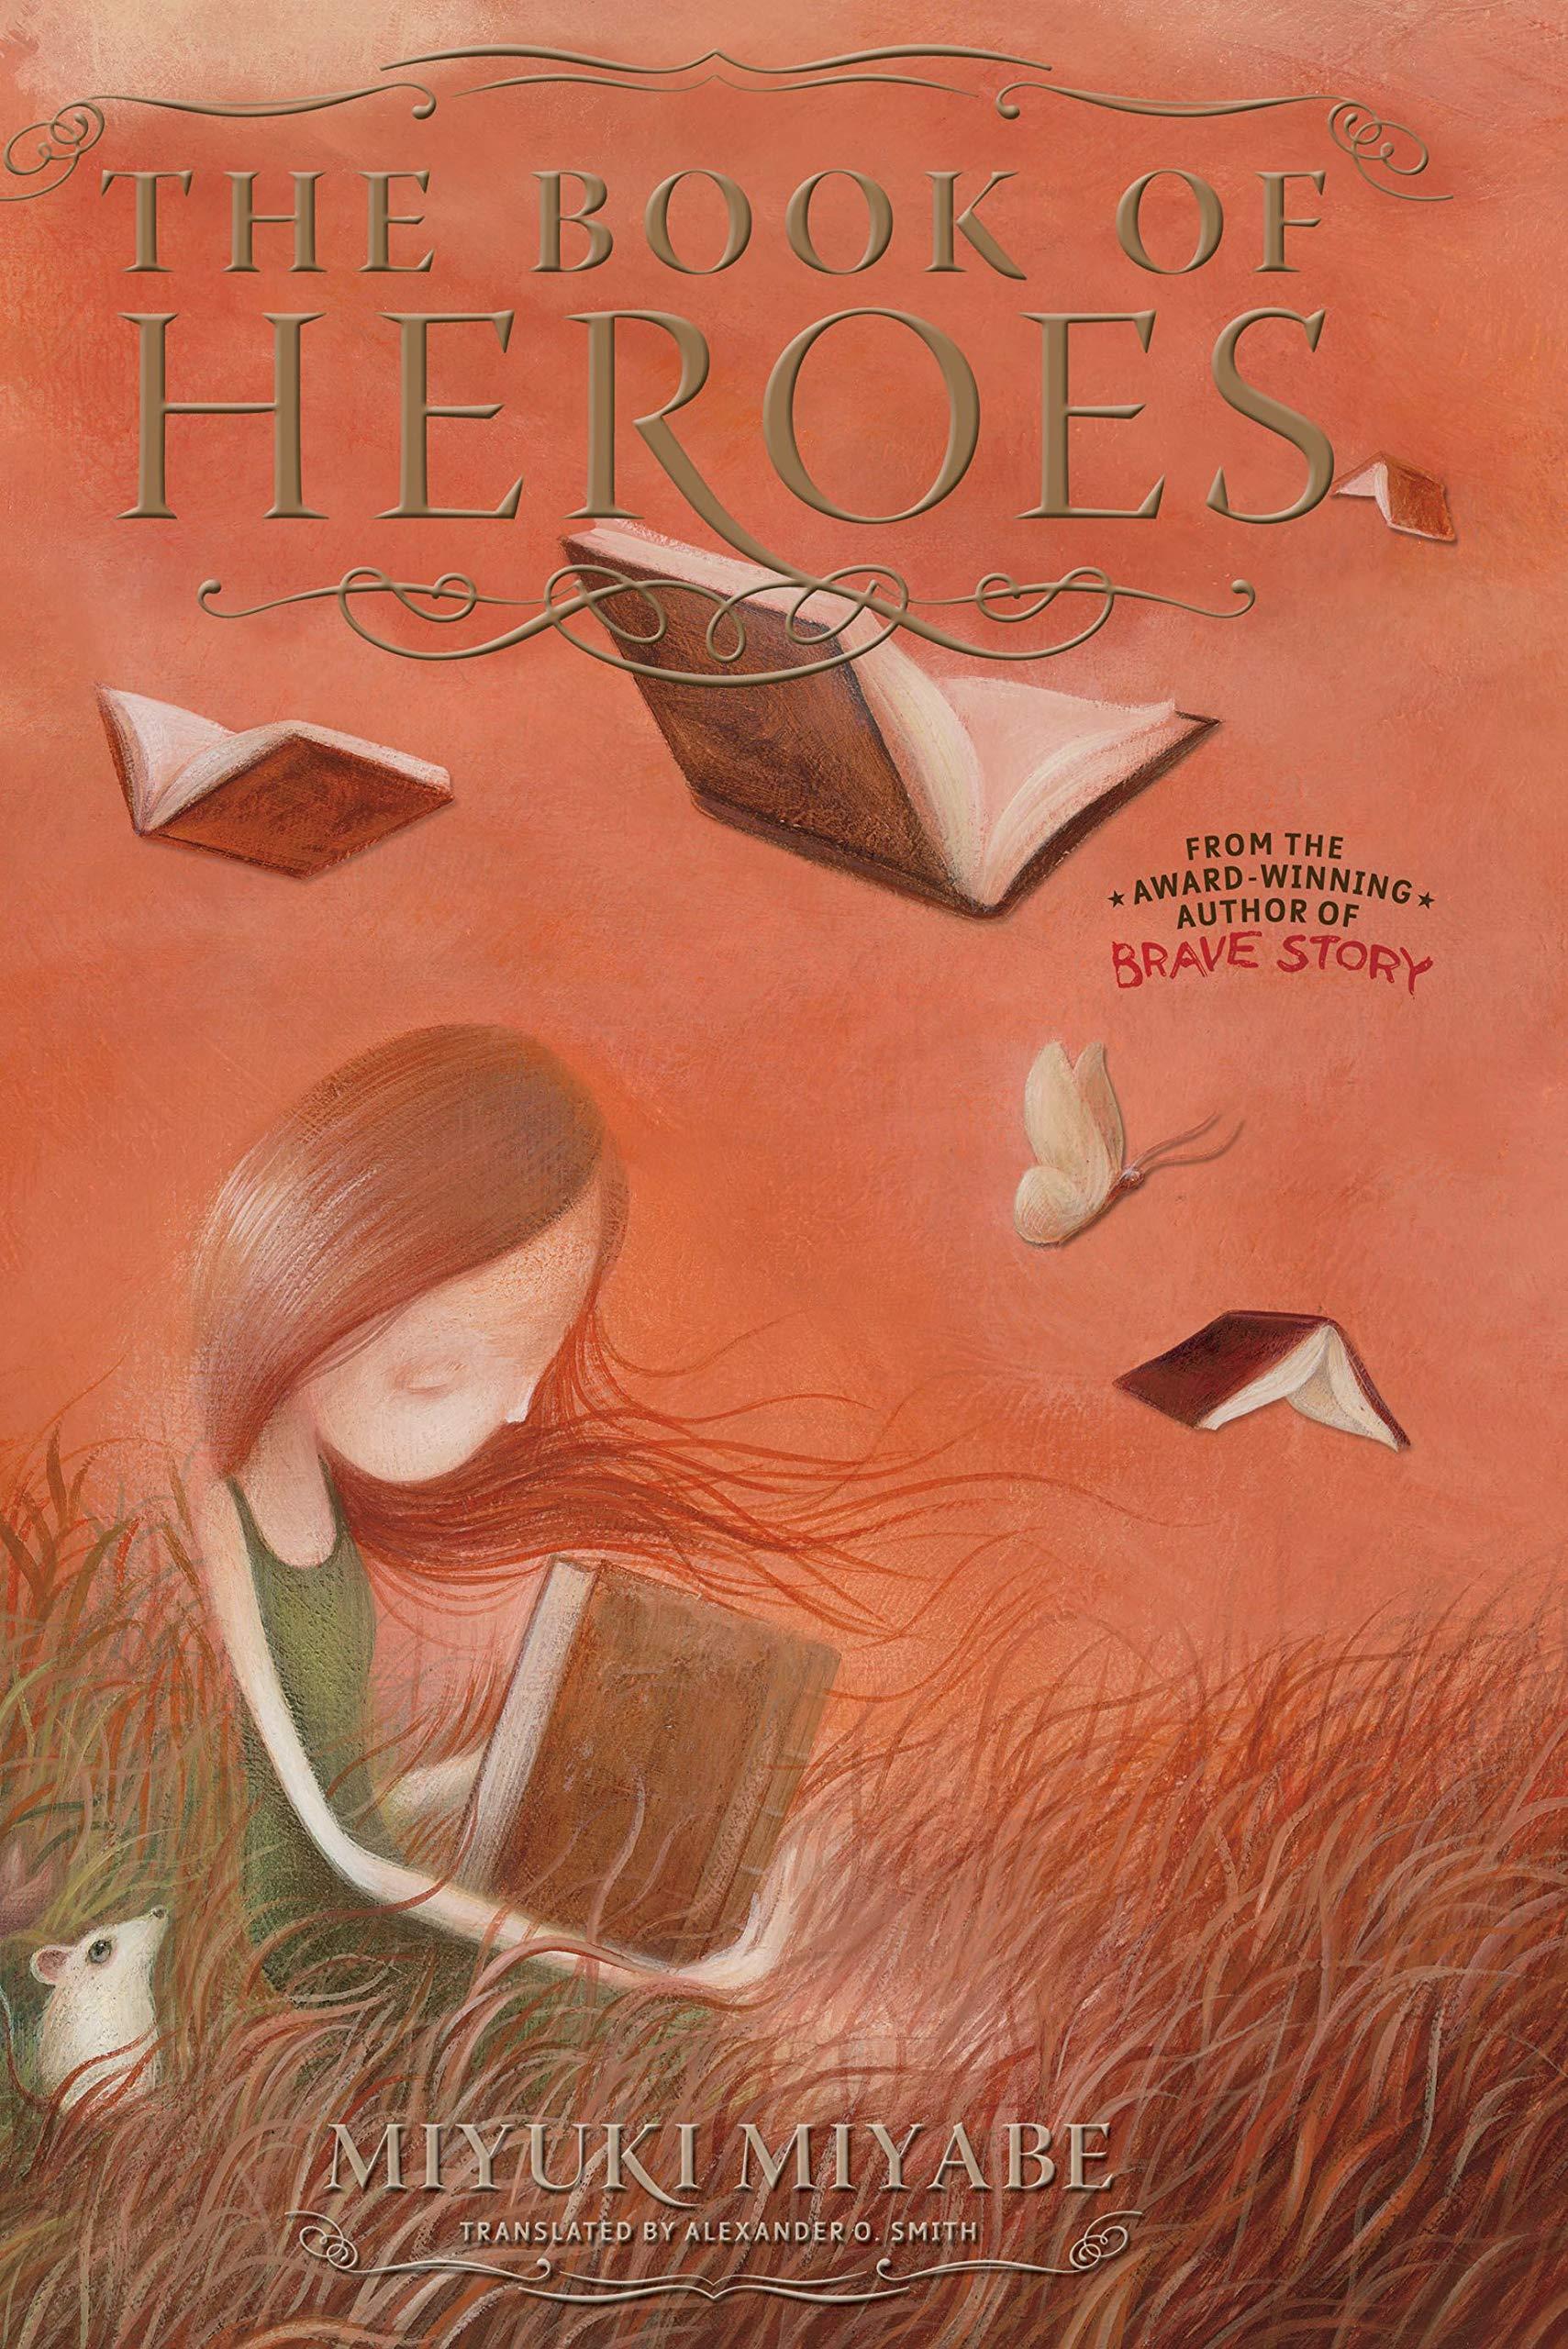 The Book of Heroes by Miyuki Miyabe